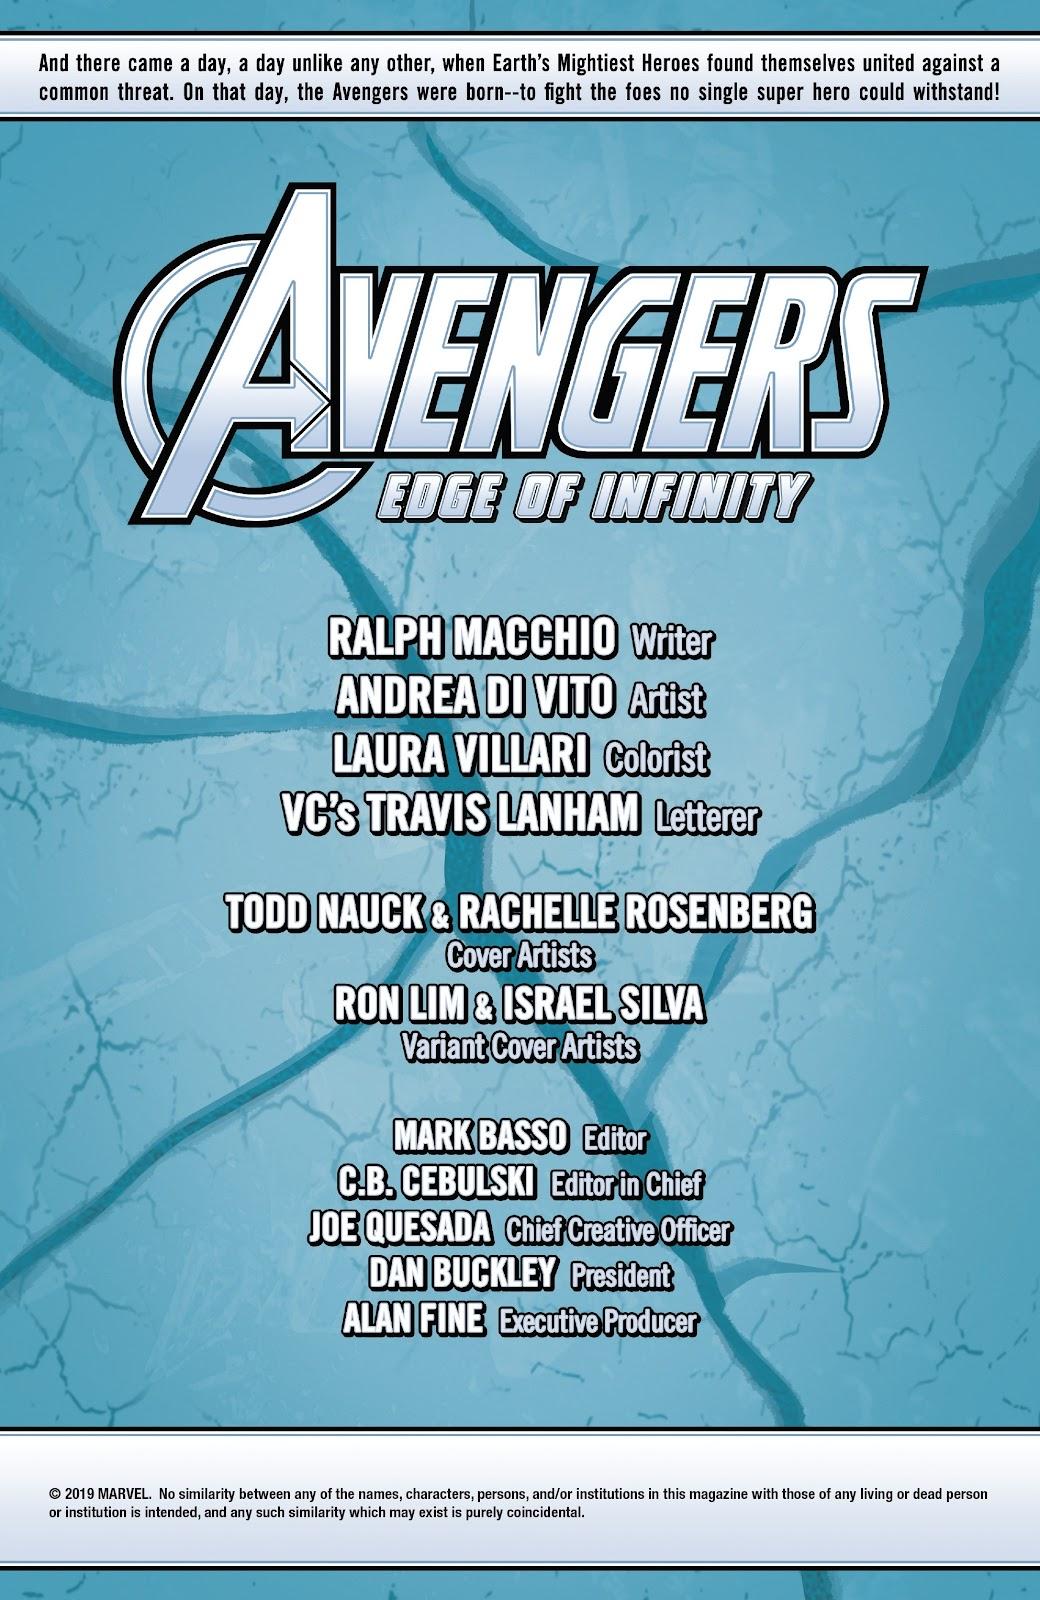 Read online Avengers: Edge of Infinity comic -  Issue # Full - 2